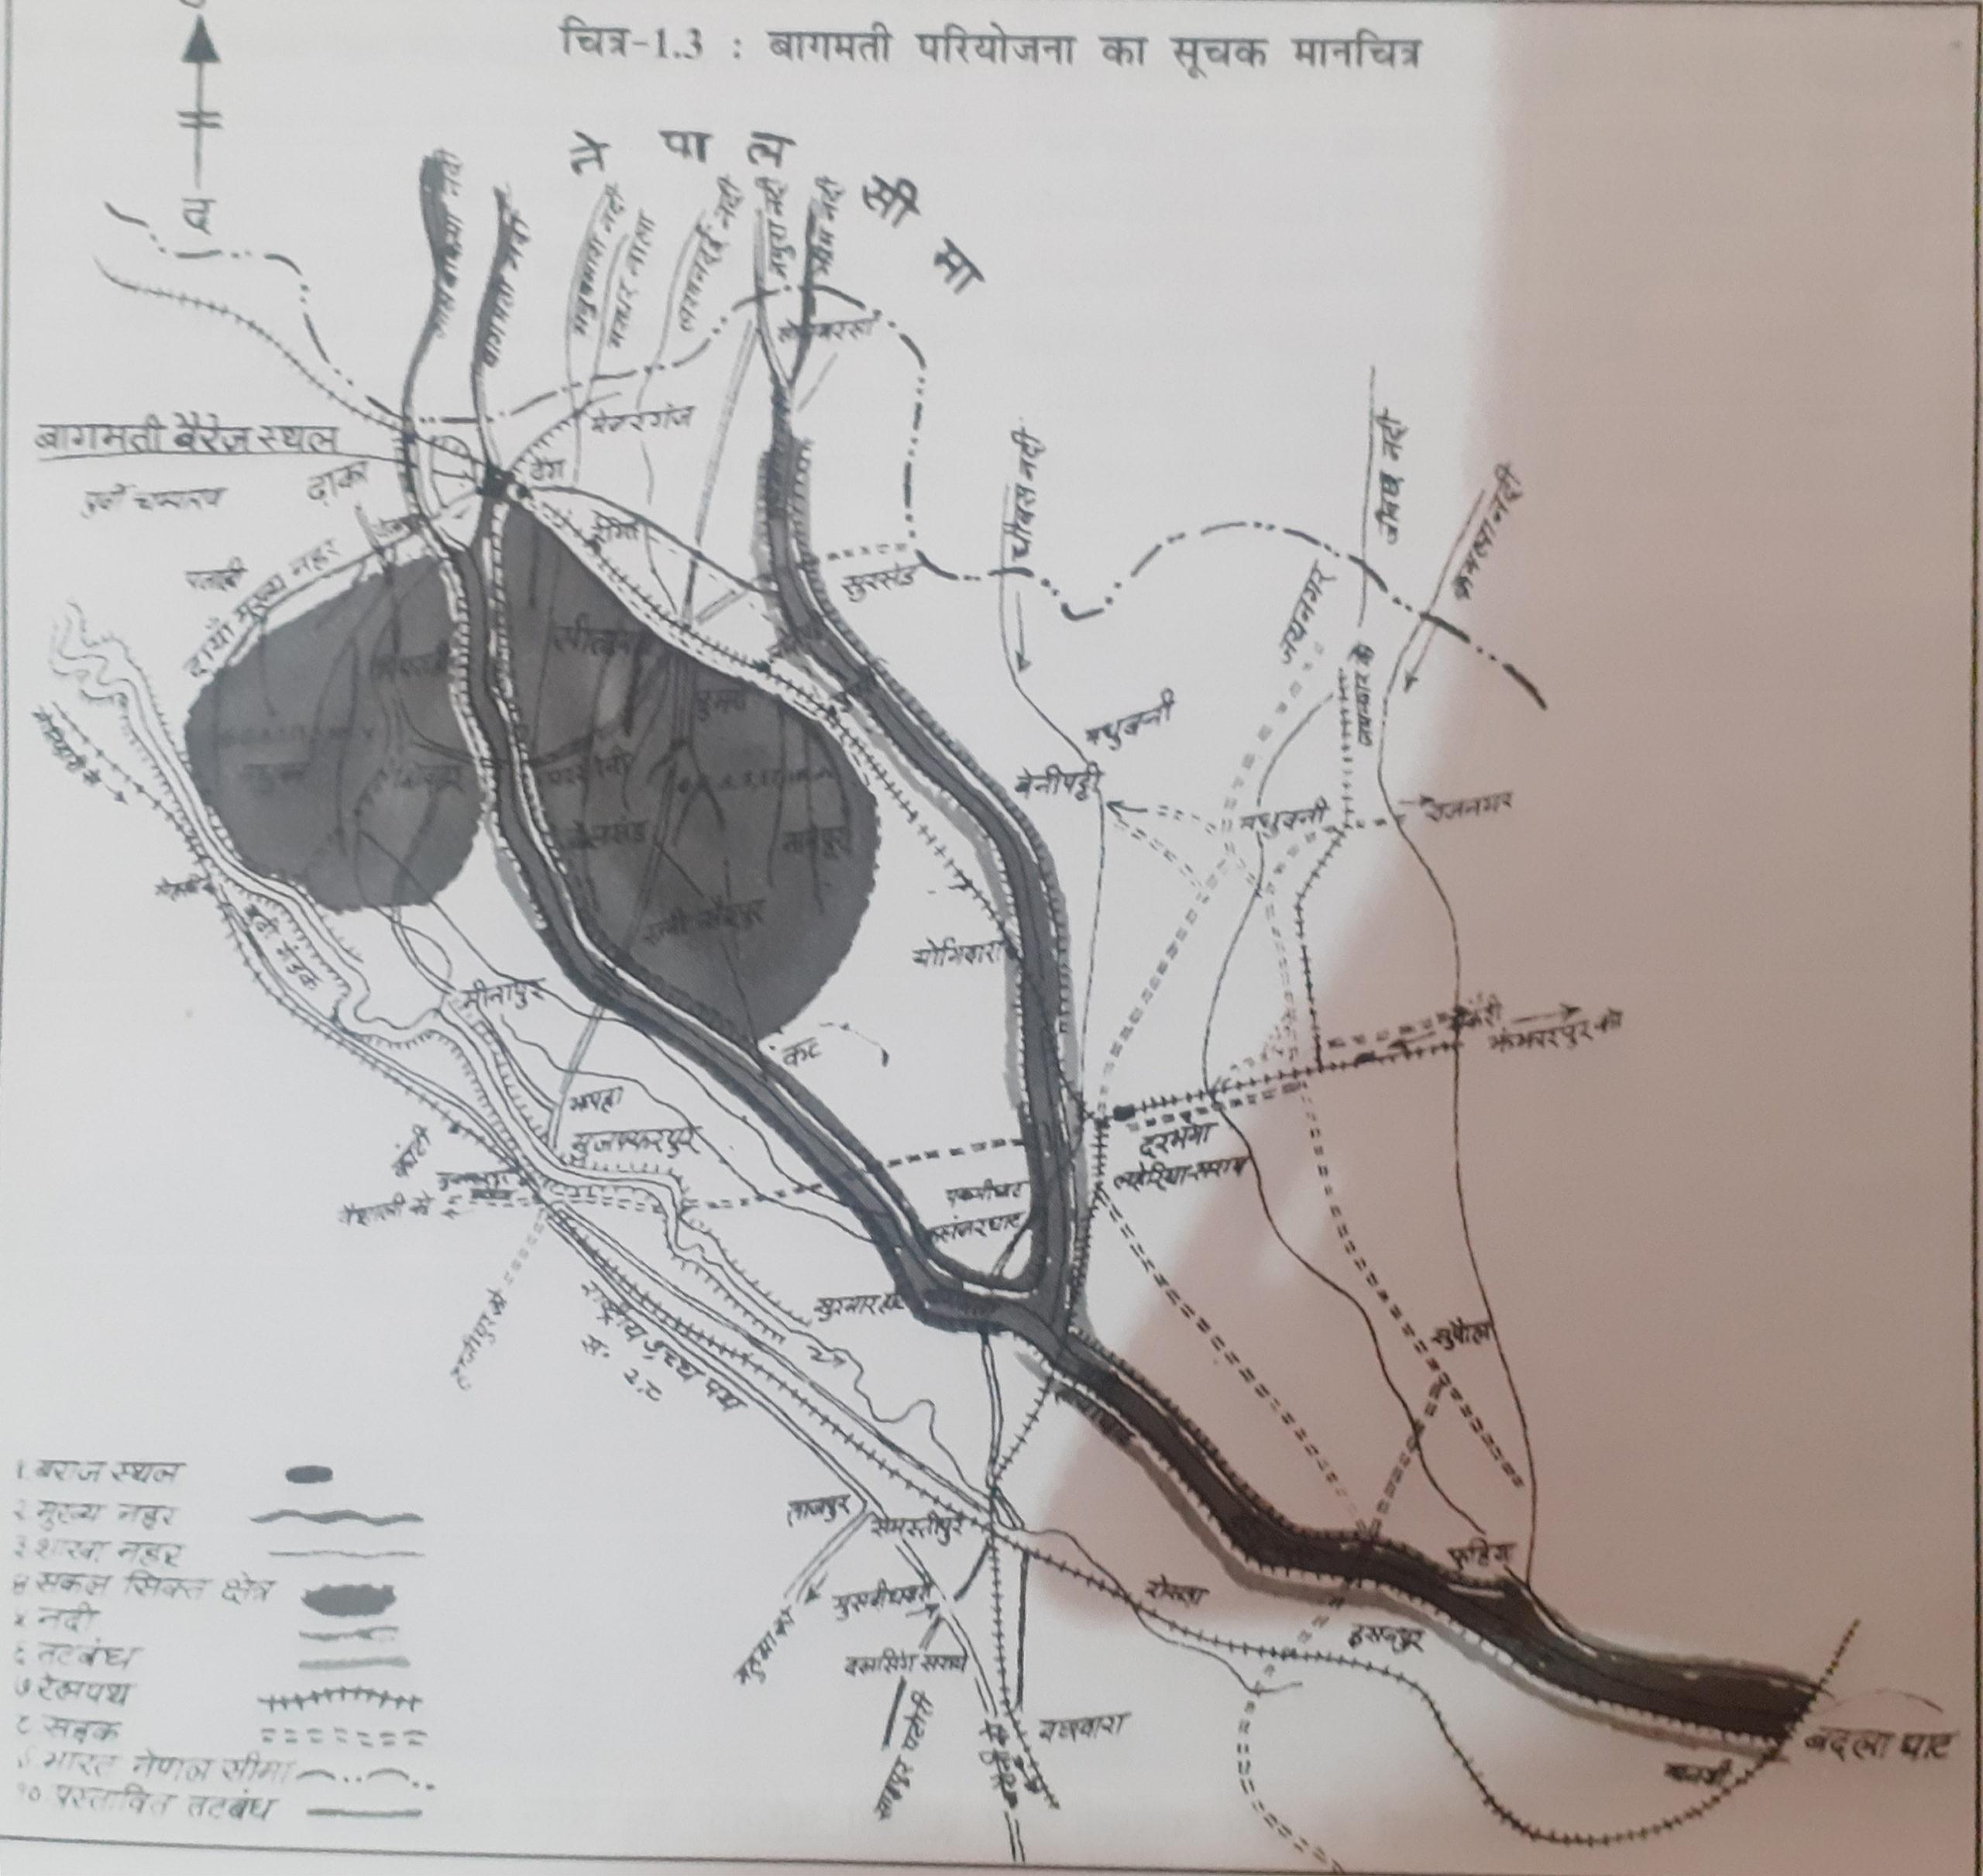 बागमती परियोजना का नक्शा, दिनेश कुमार मिश्र की पुस्तक बागमती की सदगति से साभार।